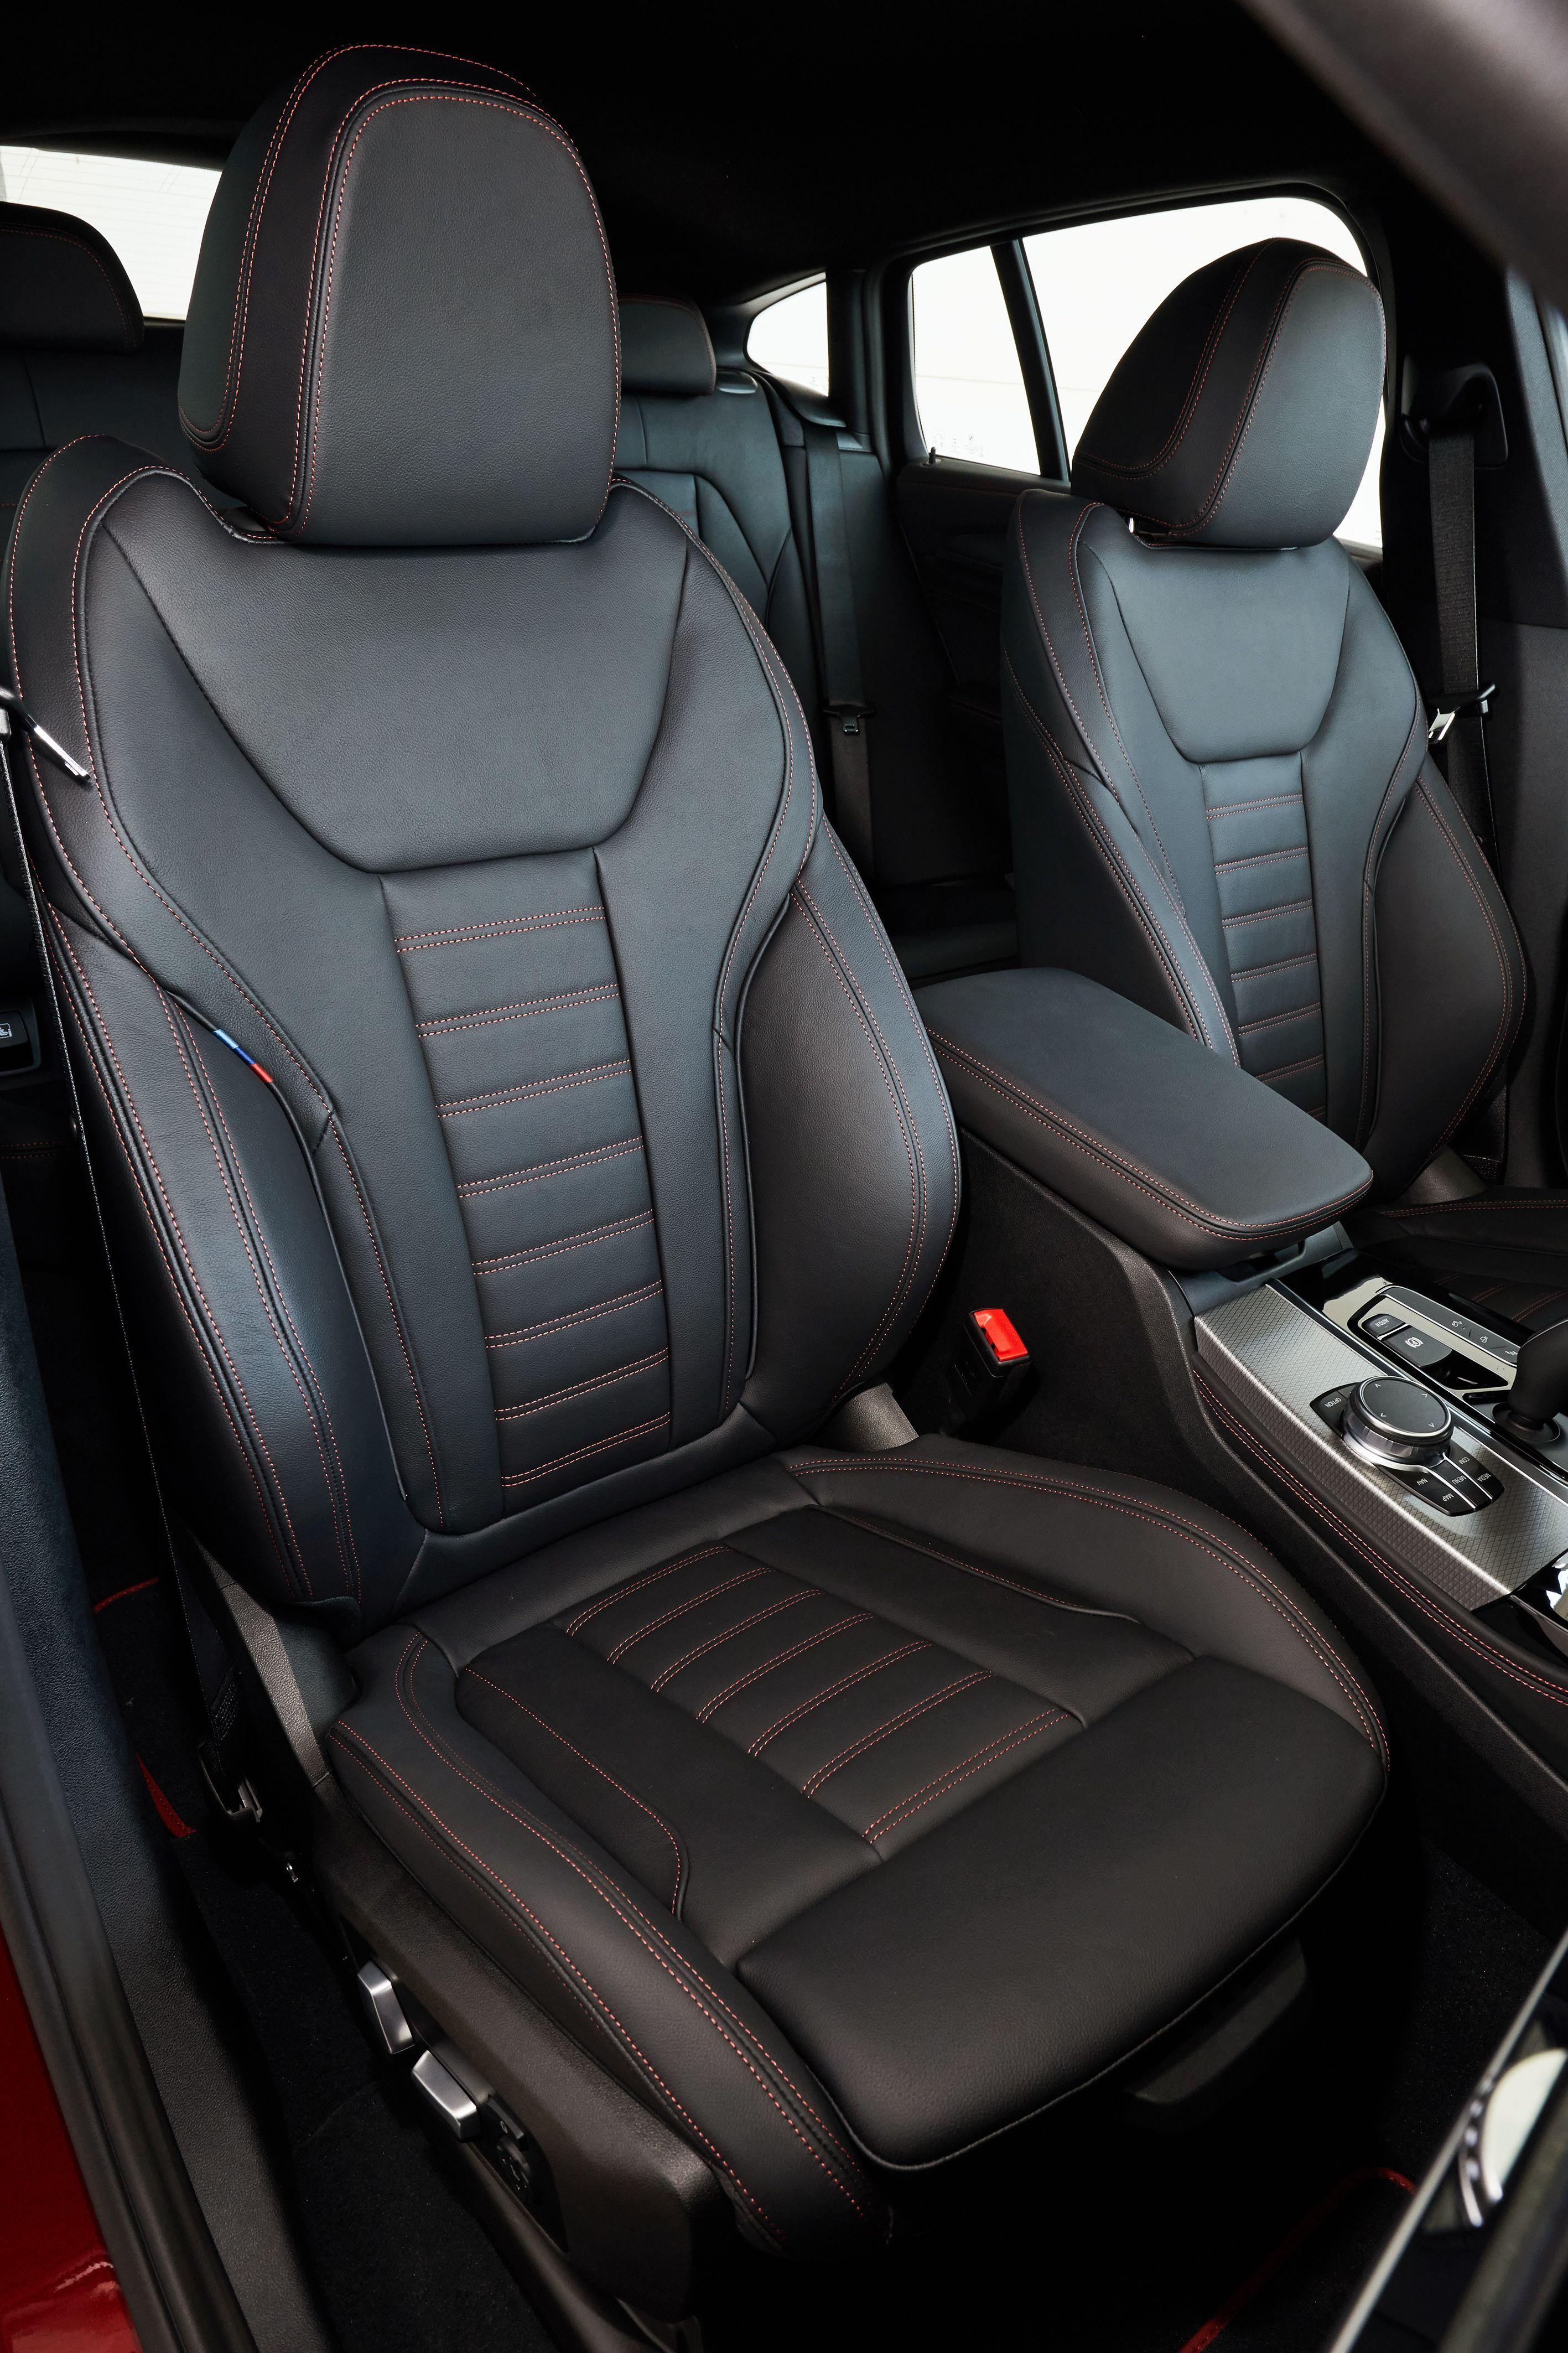 Pin By Brito On Bancos Carro Bmw X4 Custom Car Interior Bmw